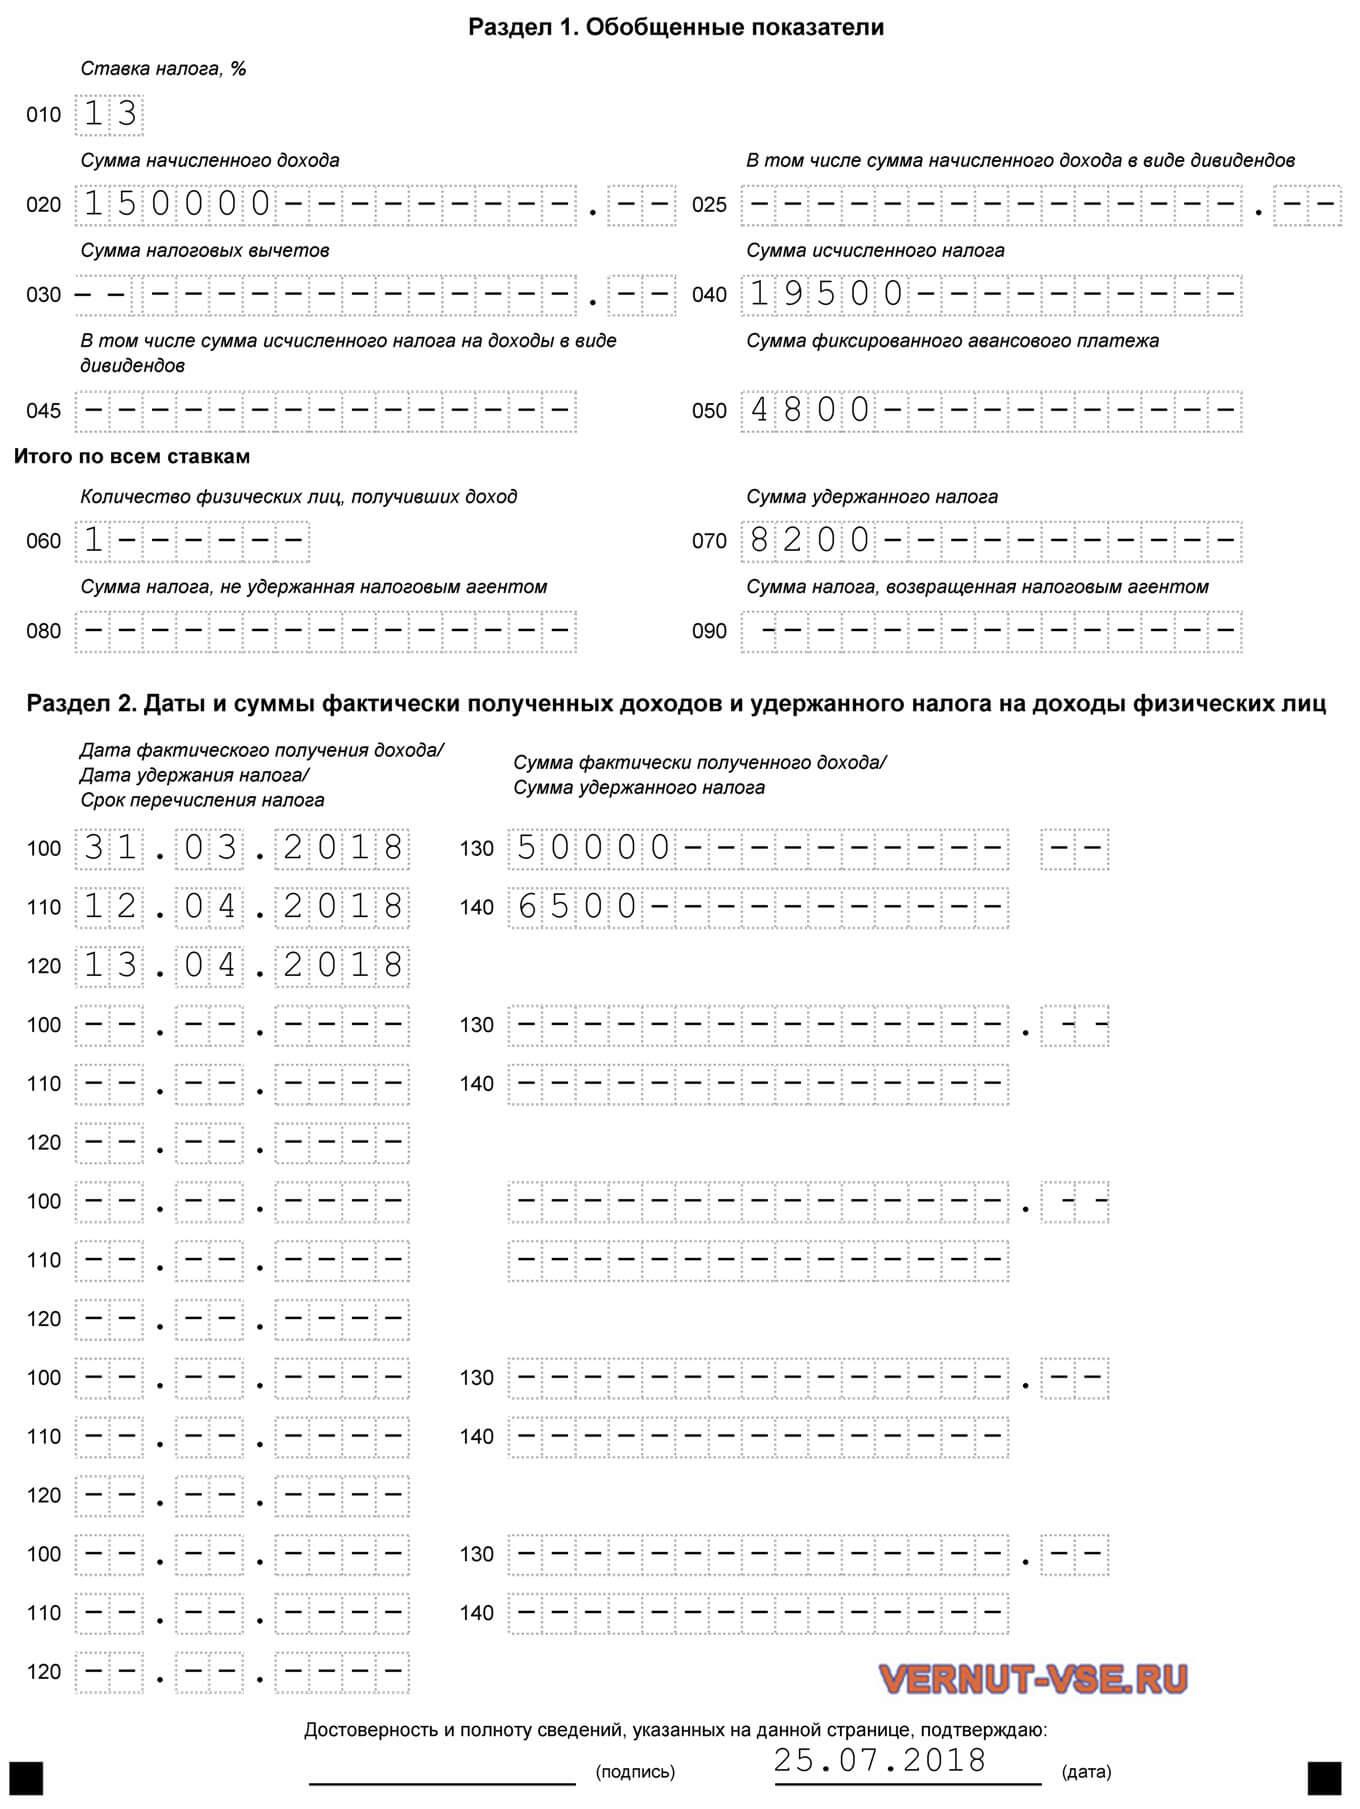 Пример заполнения формы 6 НДФЛ по иностанцу на патенте